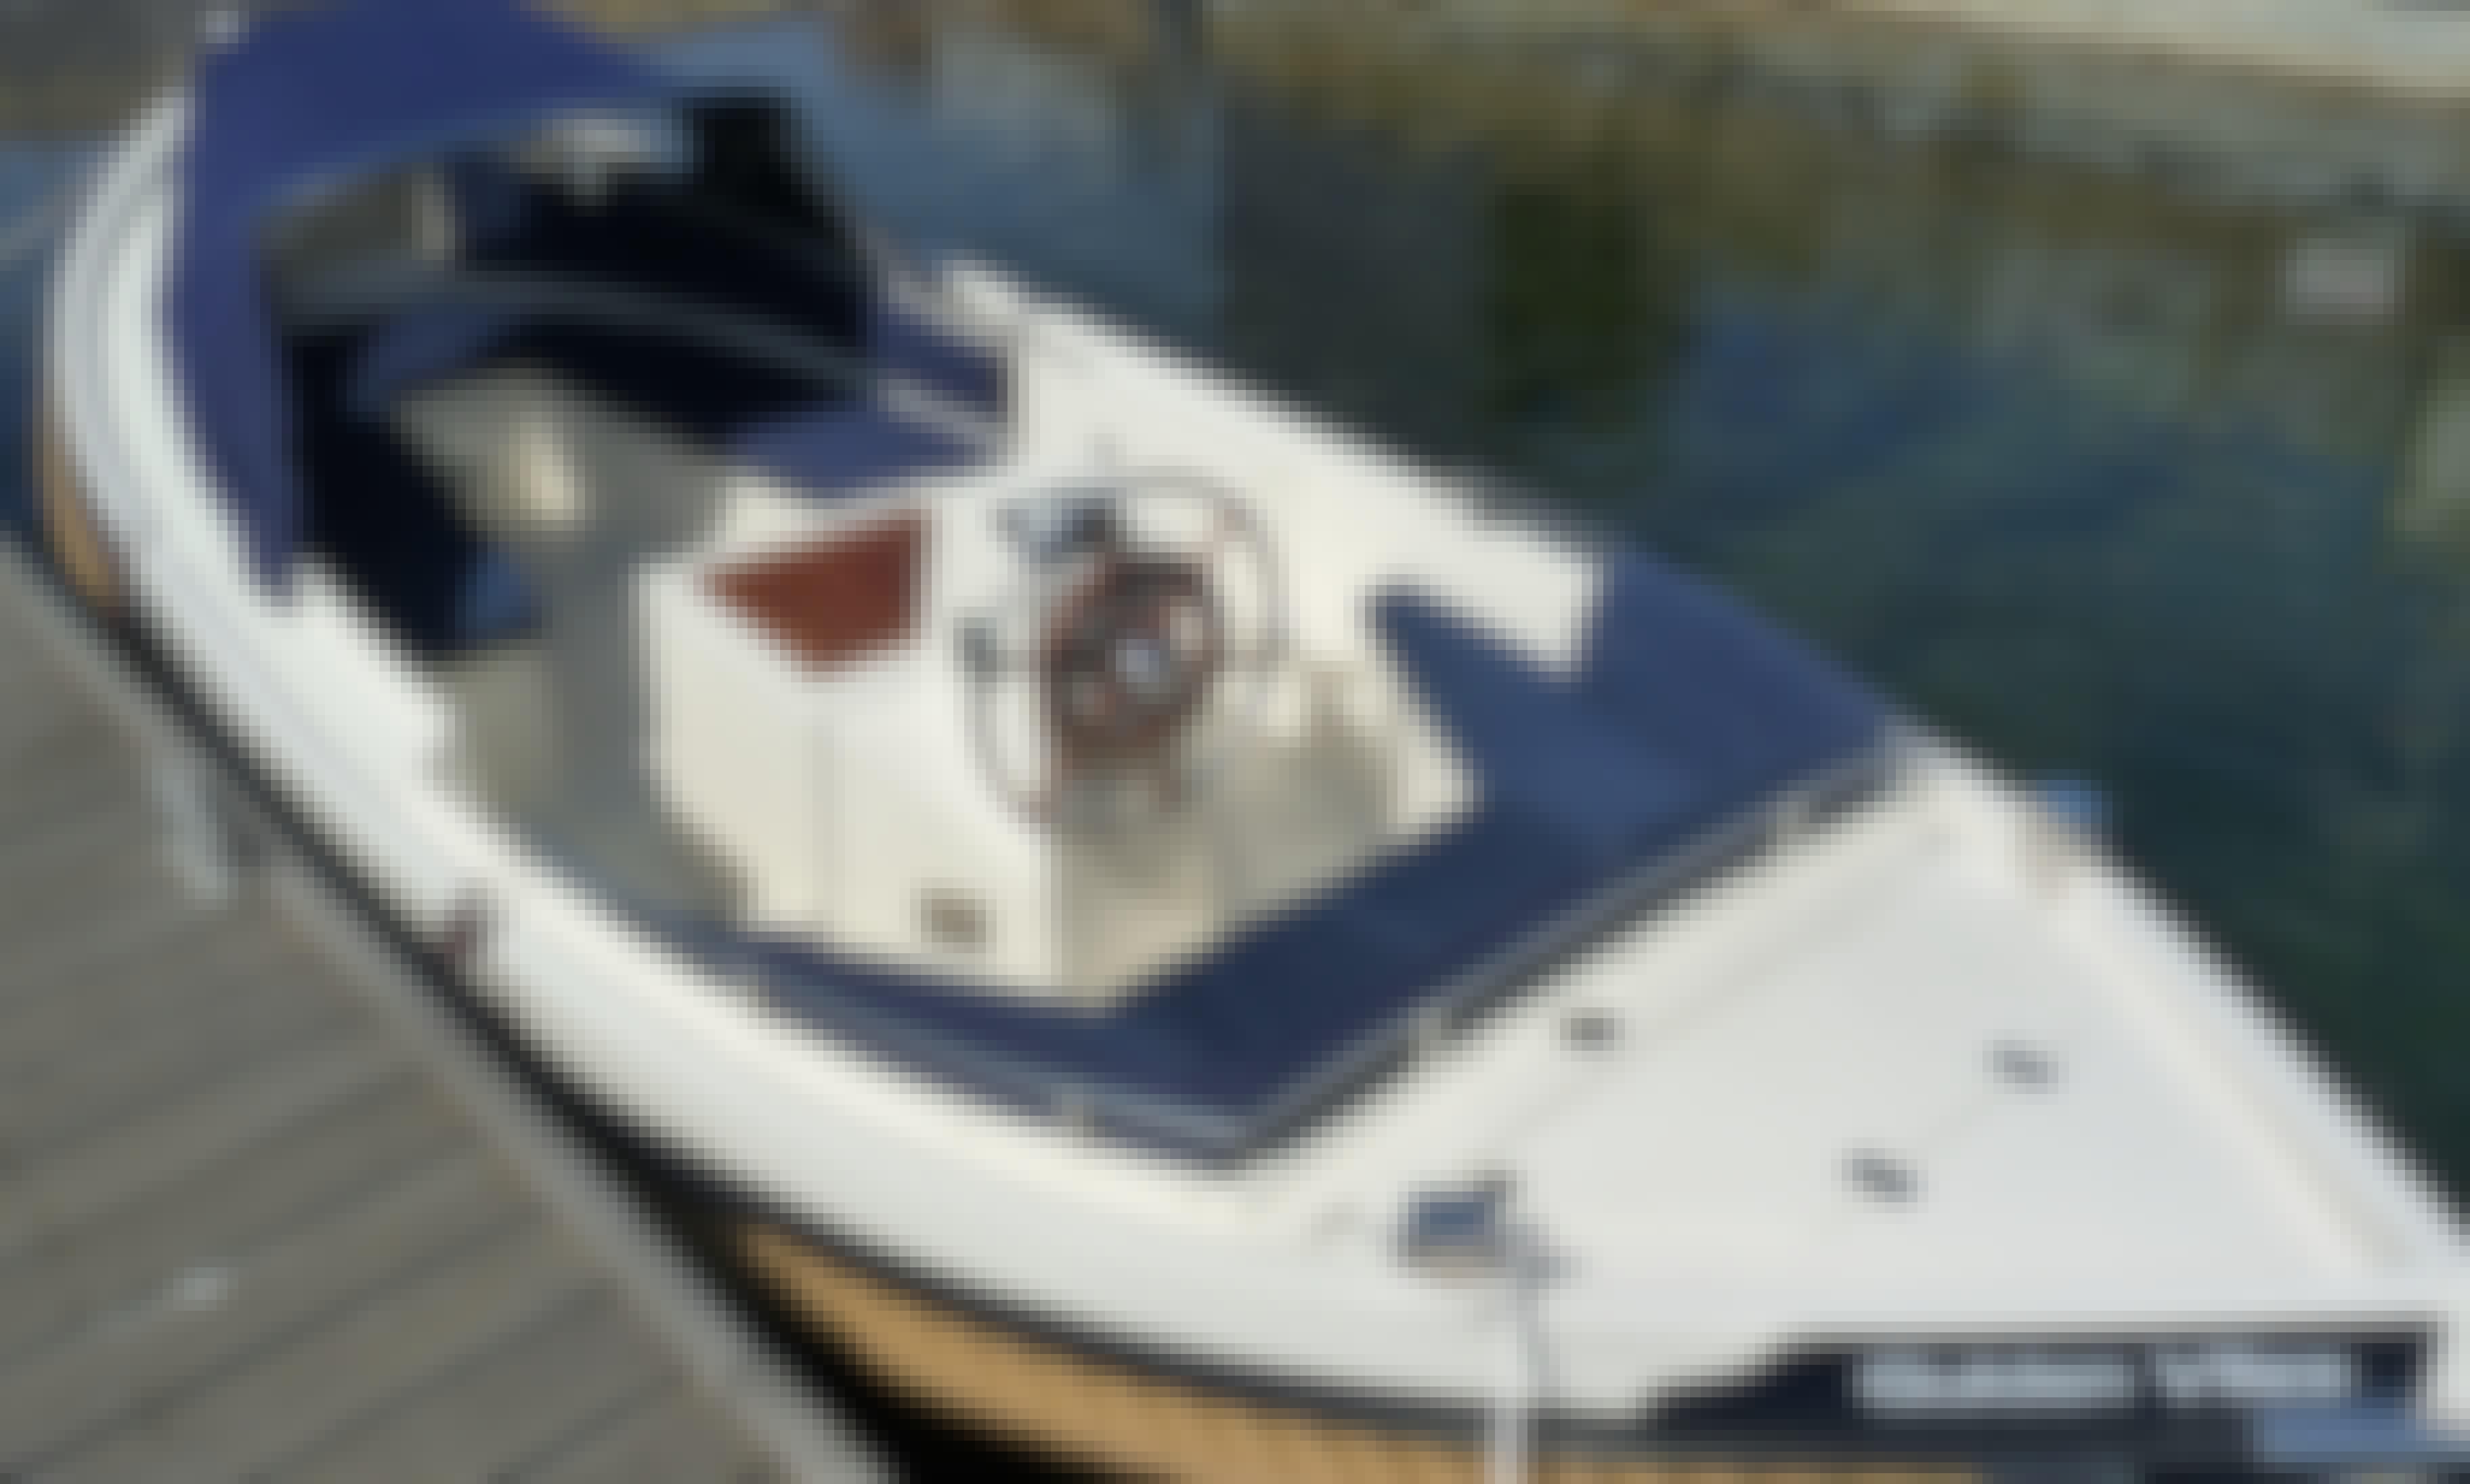 Rent this Weco 635 boat in Kortgene Zeeland